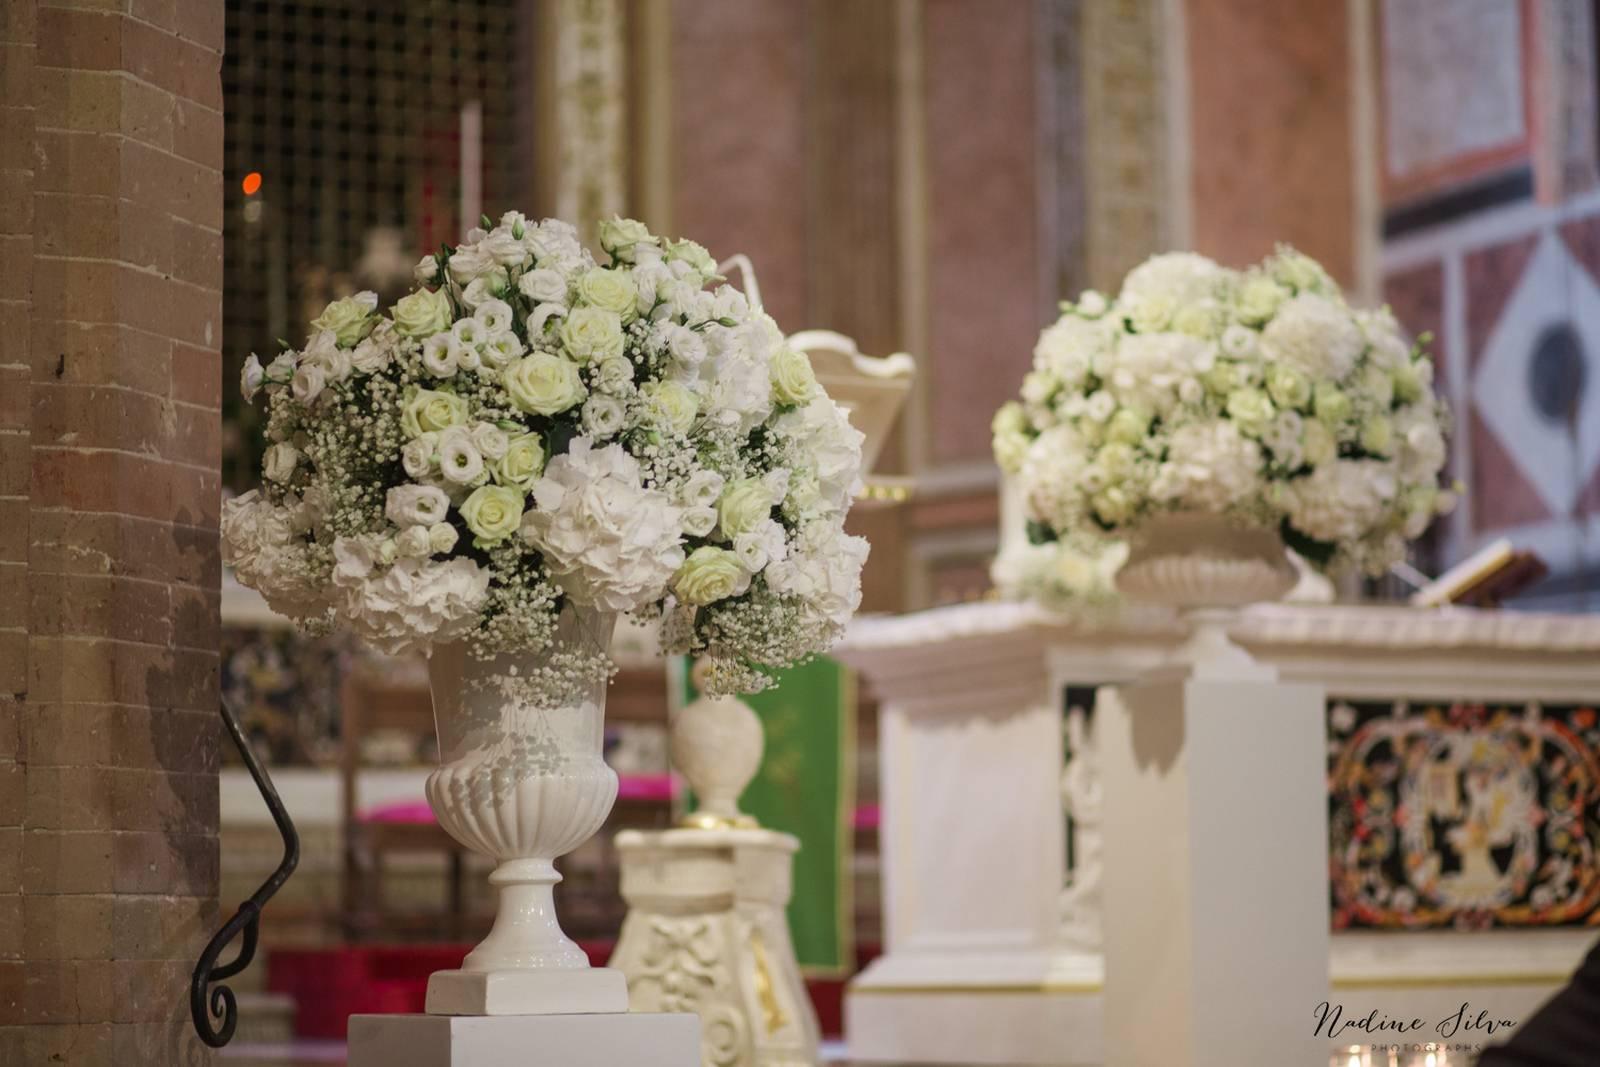 coppe con fiori bianchi